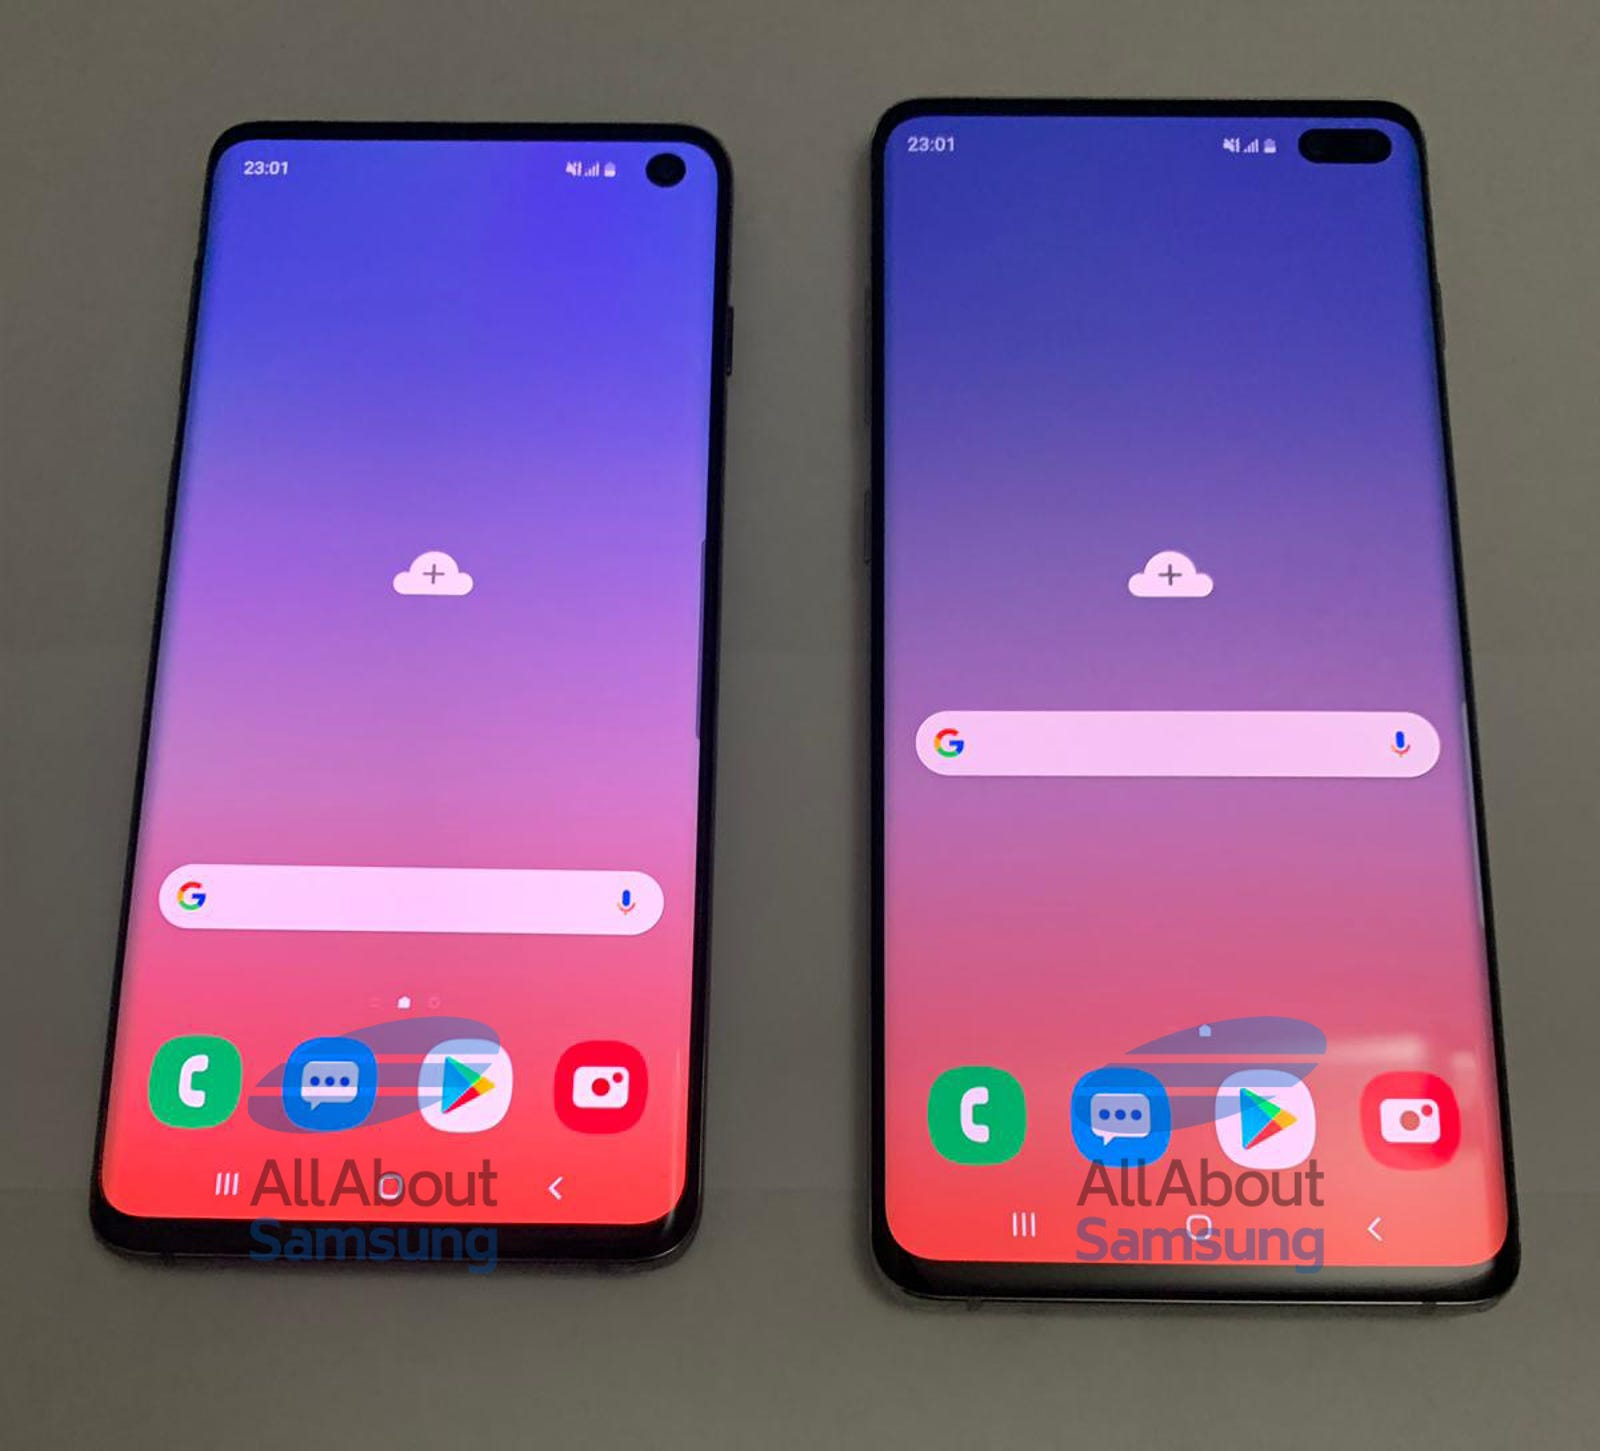 Todas las fotos: All About Samsung.